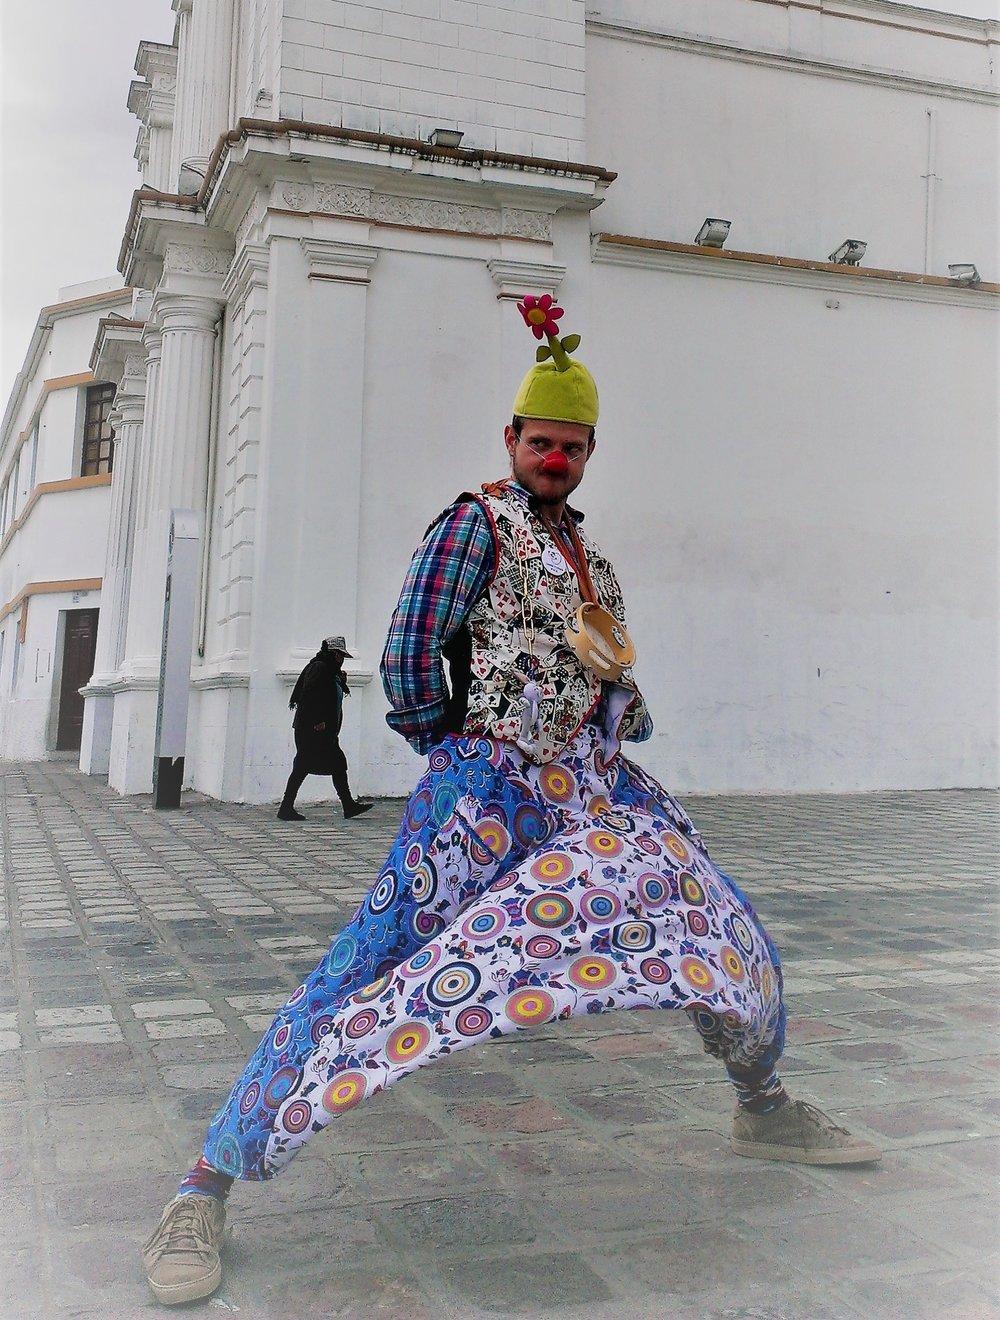 На фото: Макс в Зоиной юбке изображает клоуна в Кито